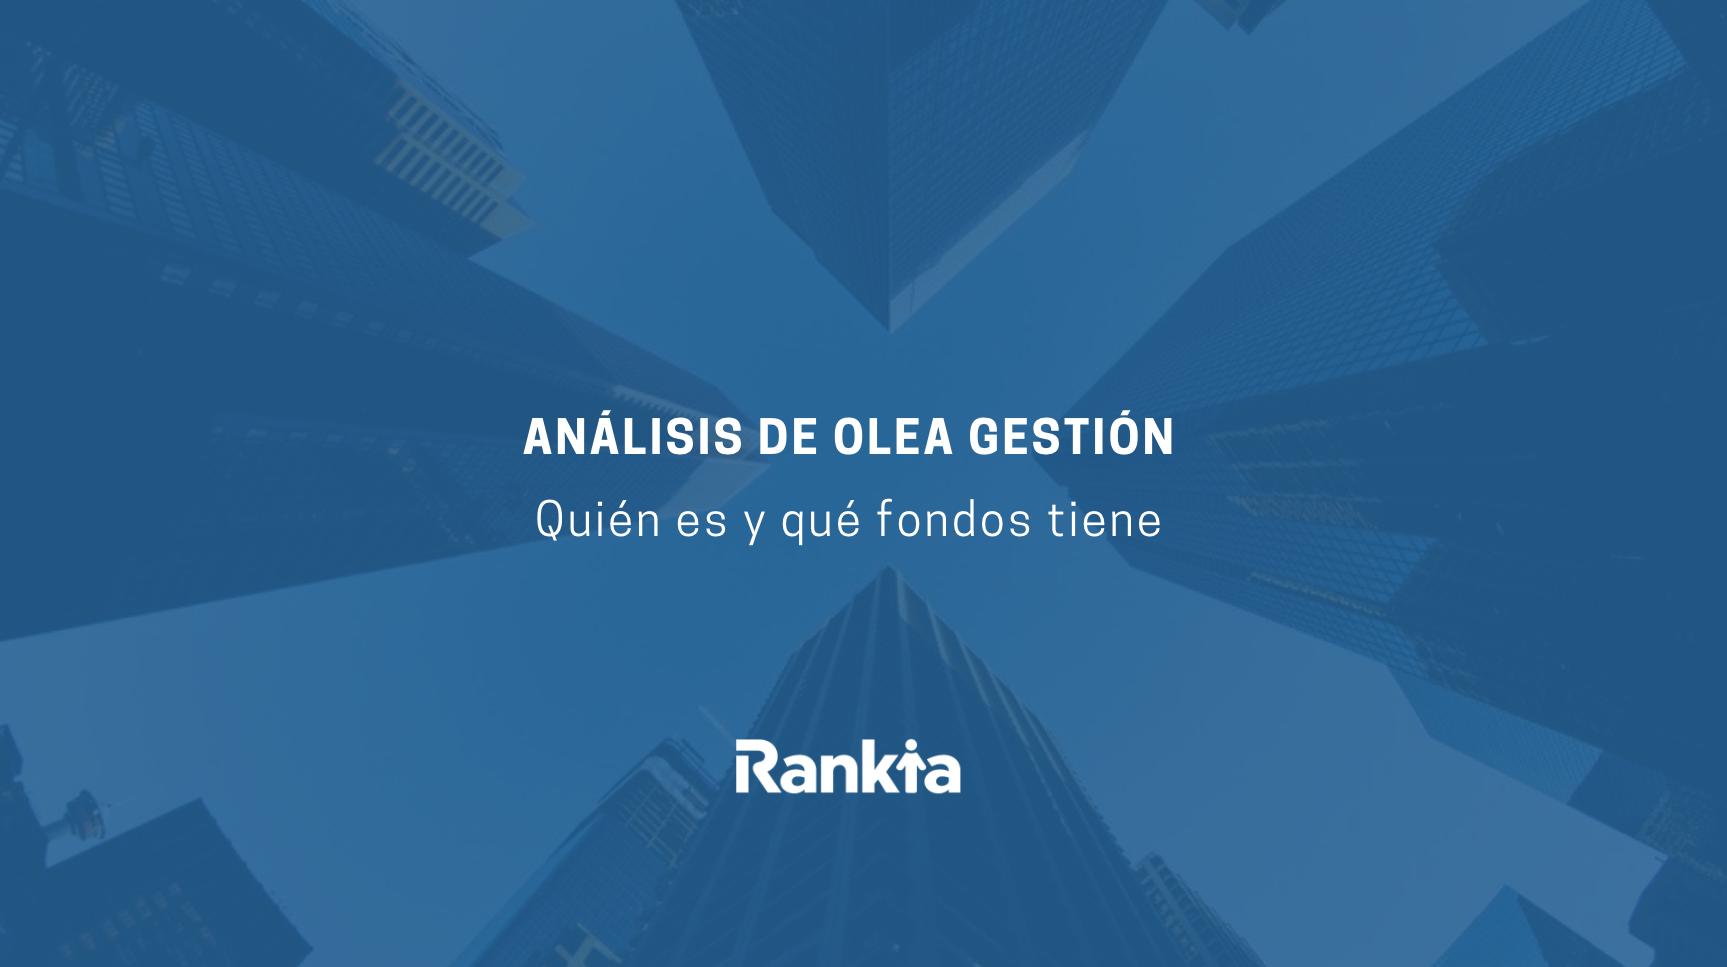 Análisis de Olea Gestión